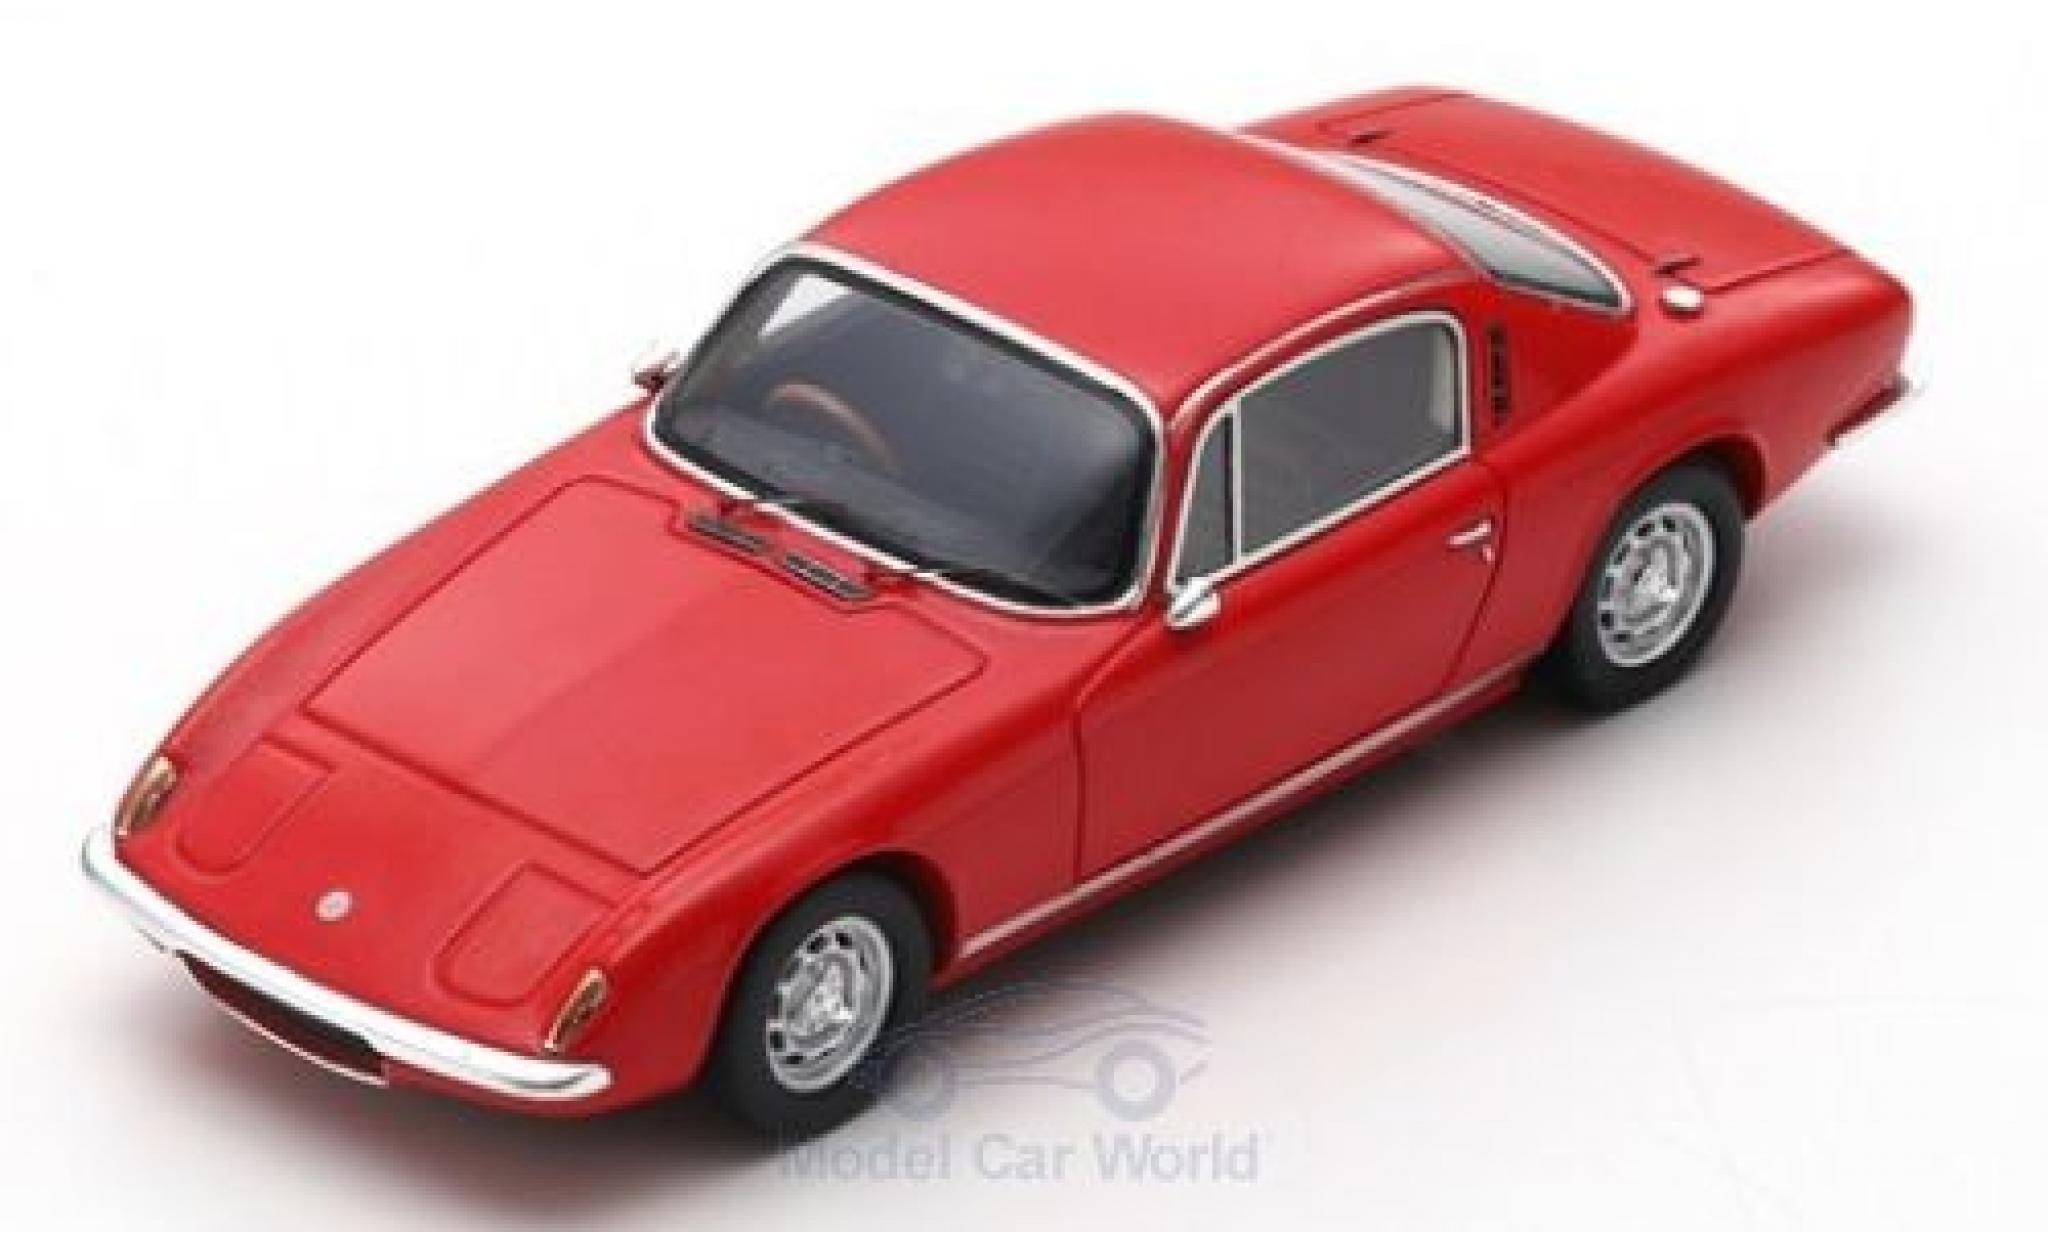 Lotus Elan 1/43 Spark +2 red RHD 1967